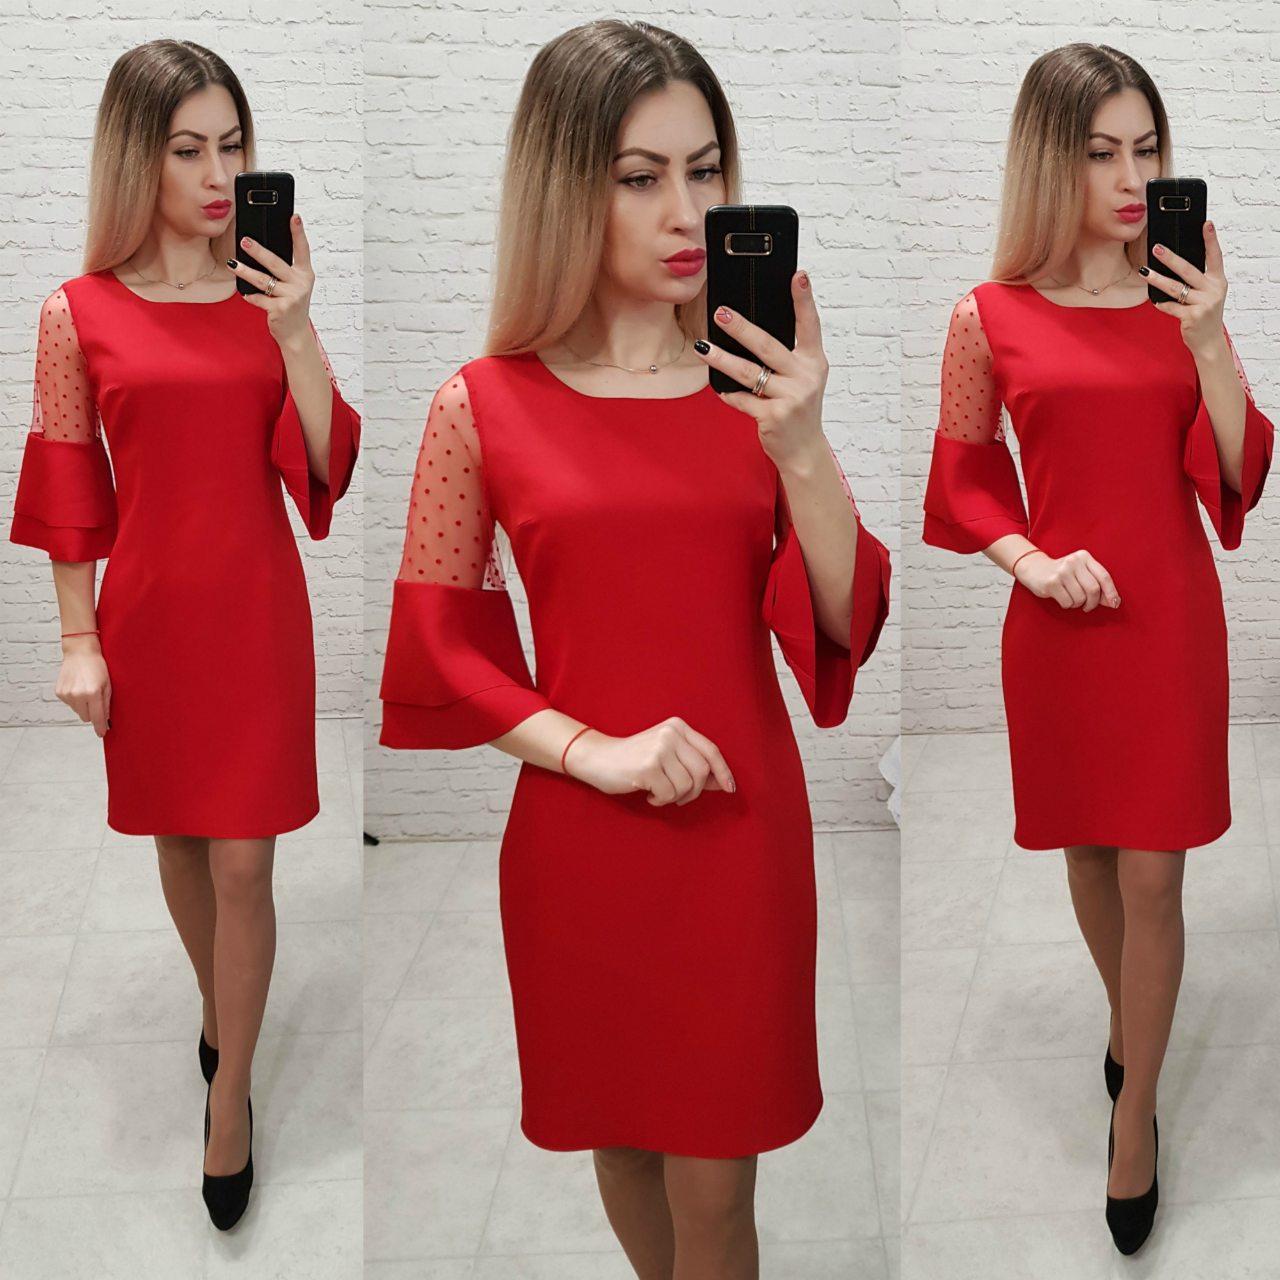 Платье женское, креп+сетка, модель 152, цвет - красный